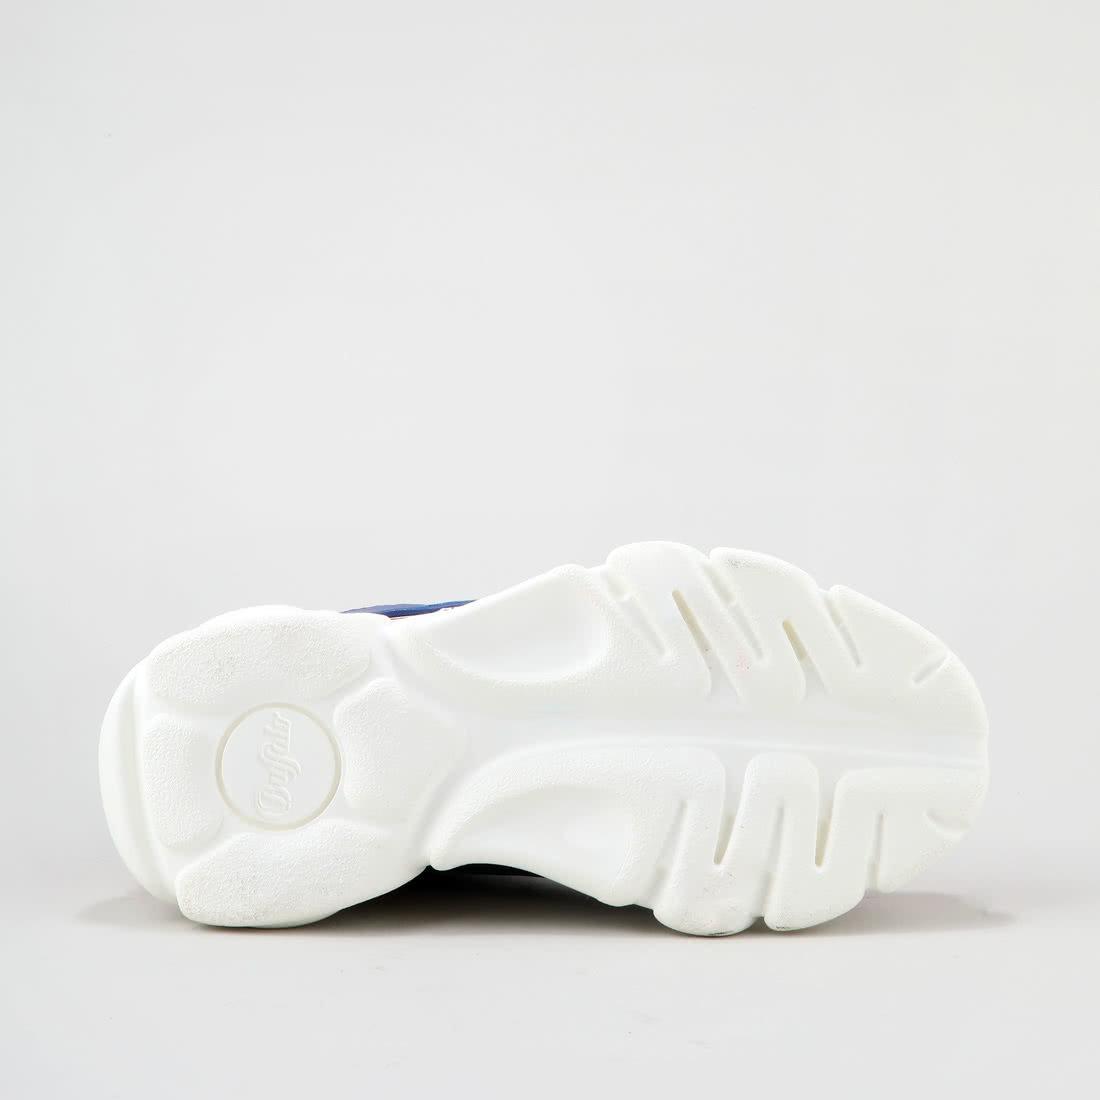 f65c974ebccb89 CLD Colby Baskets mesh aspect cuir bleu/blanc/rouge acheter à ...